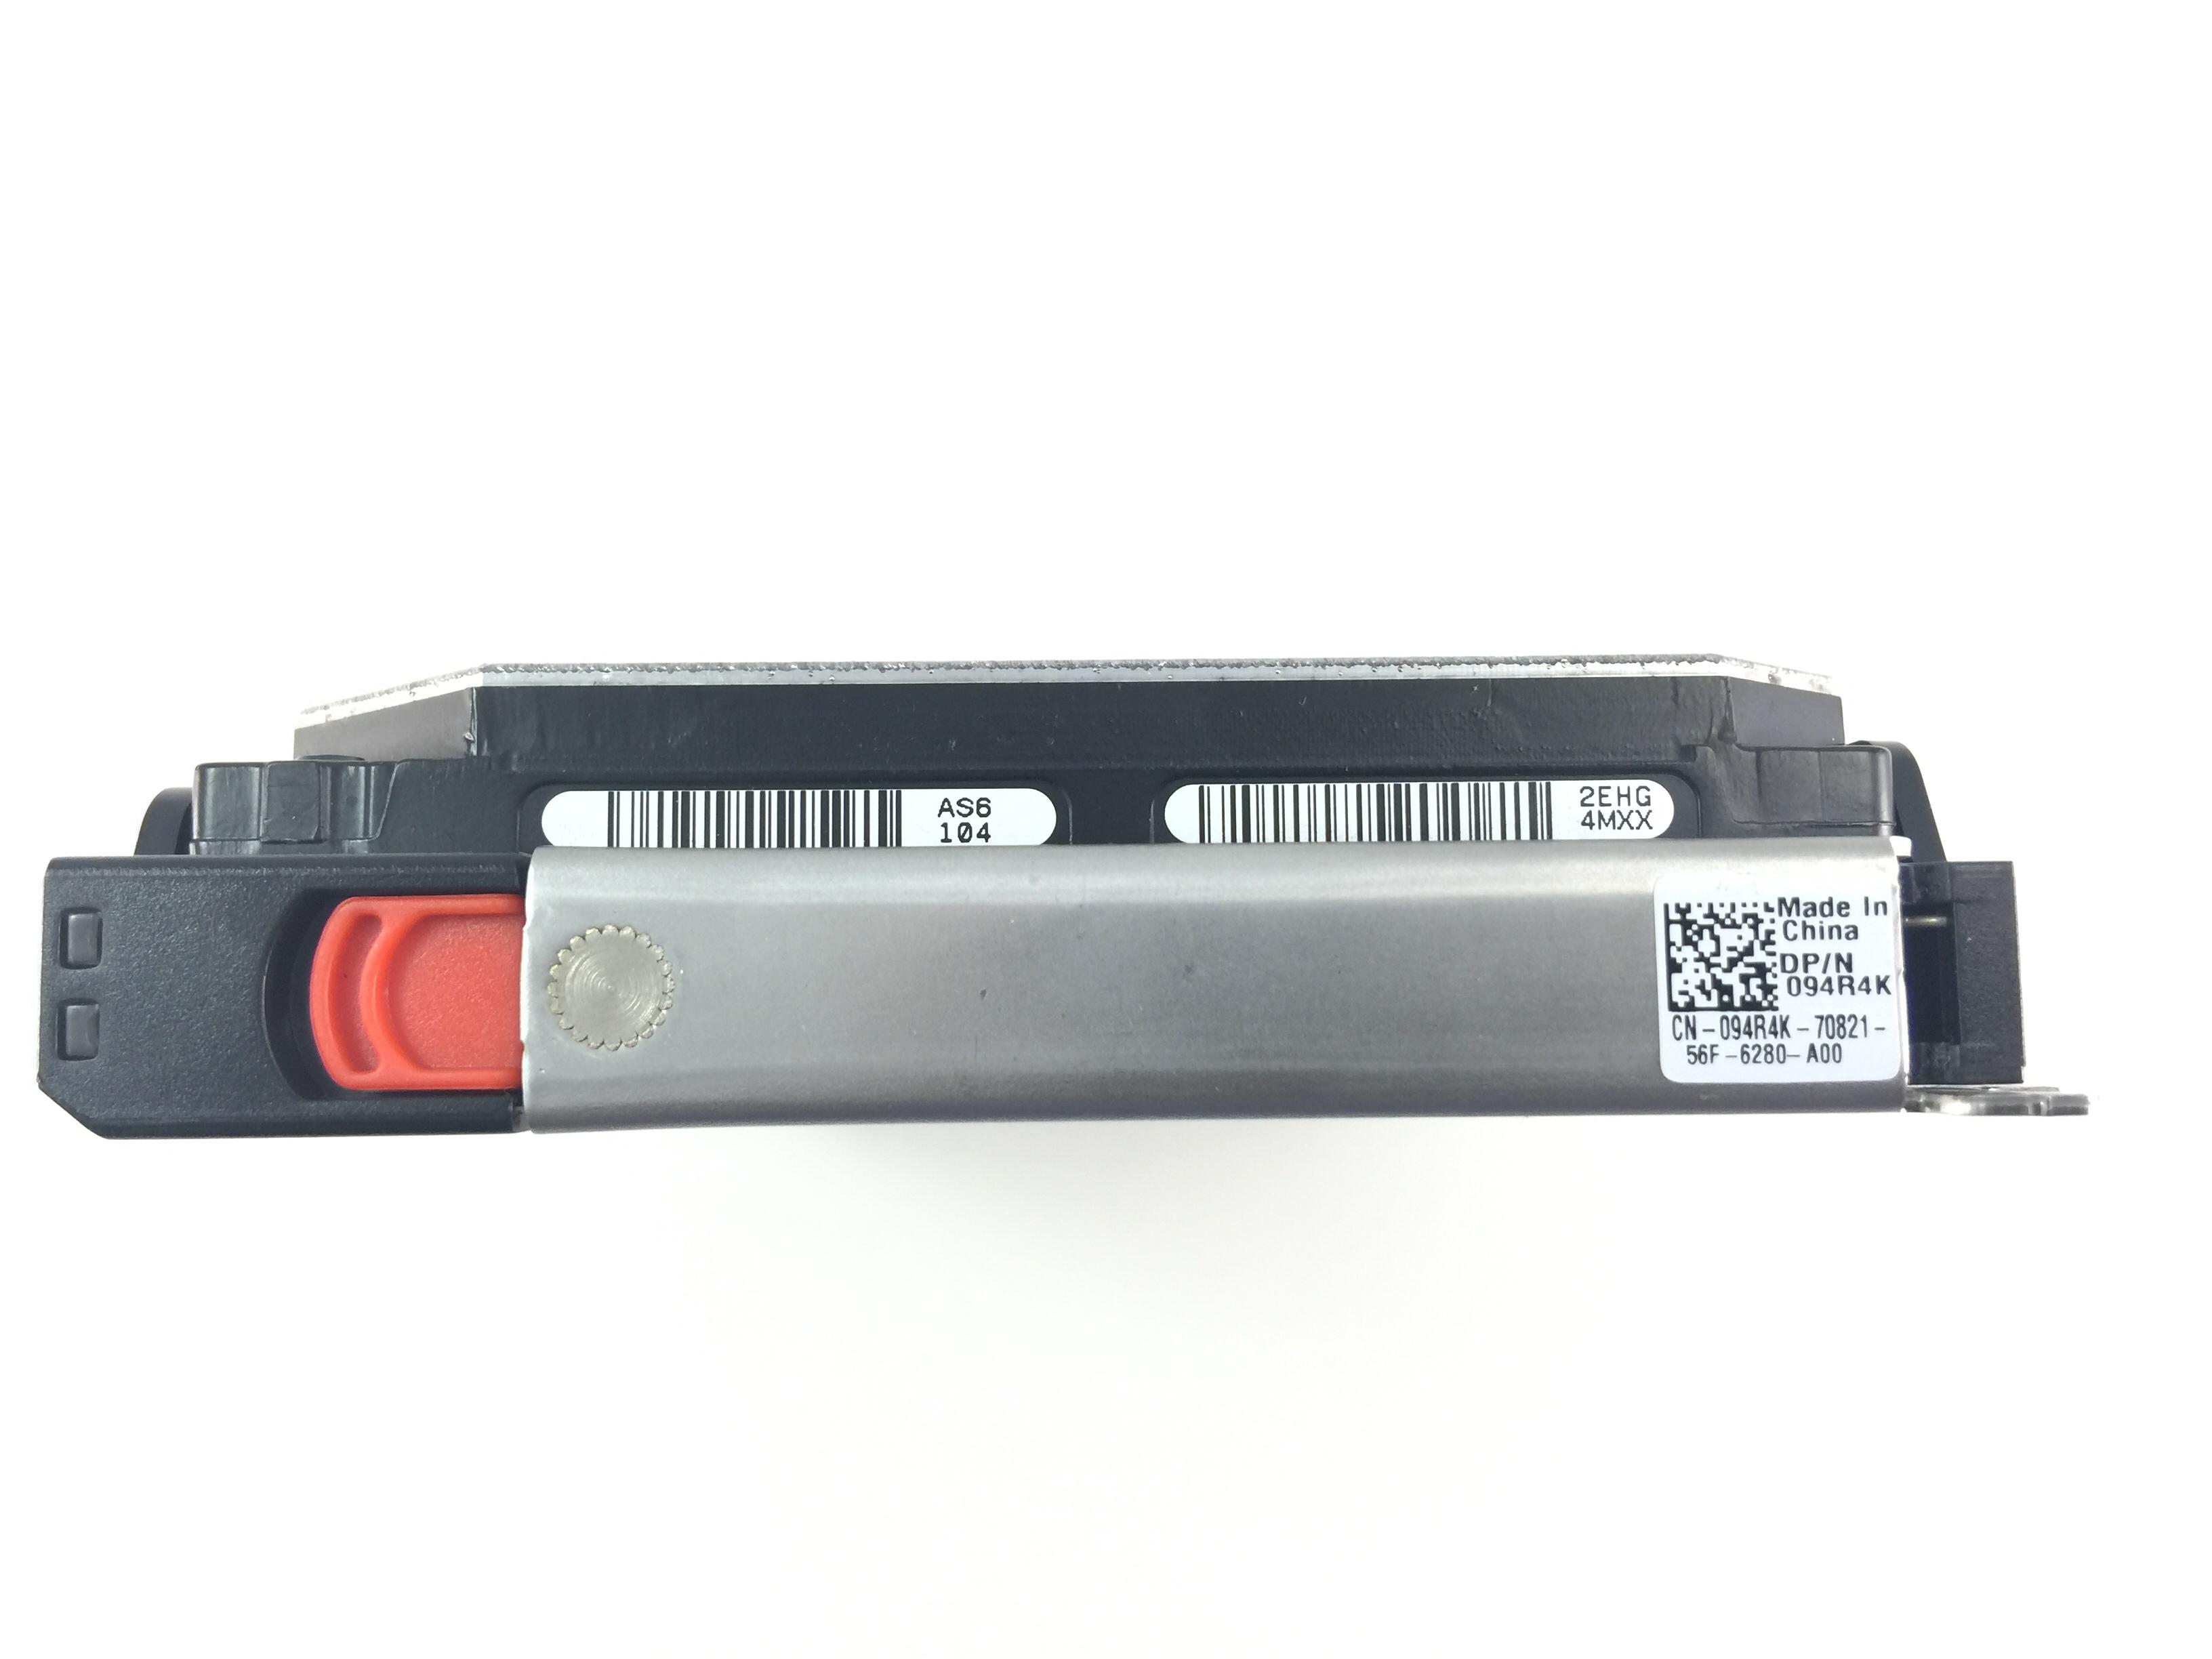 Dell Oem Dss Series 3.5'' LFF Hard Drive Tray/ Caddy (94R4K)